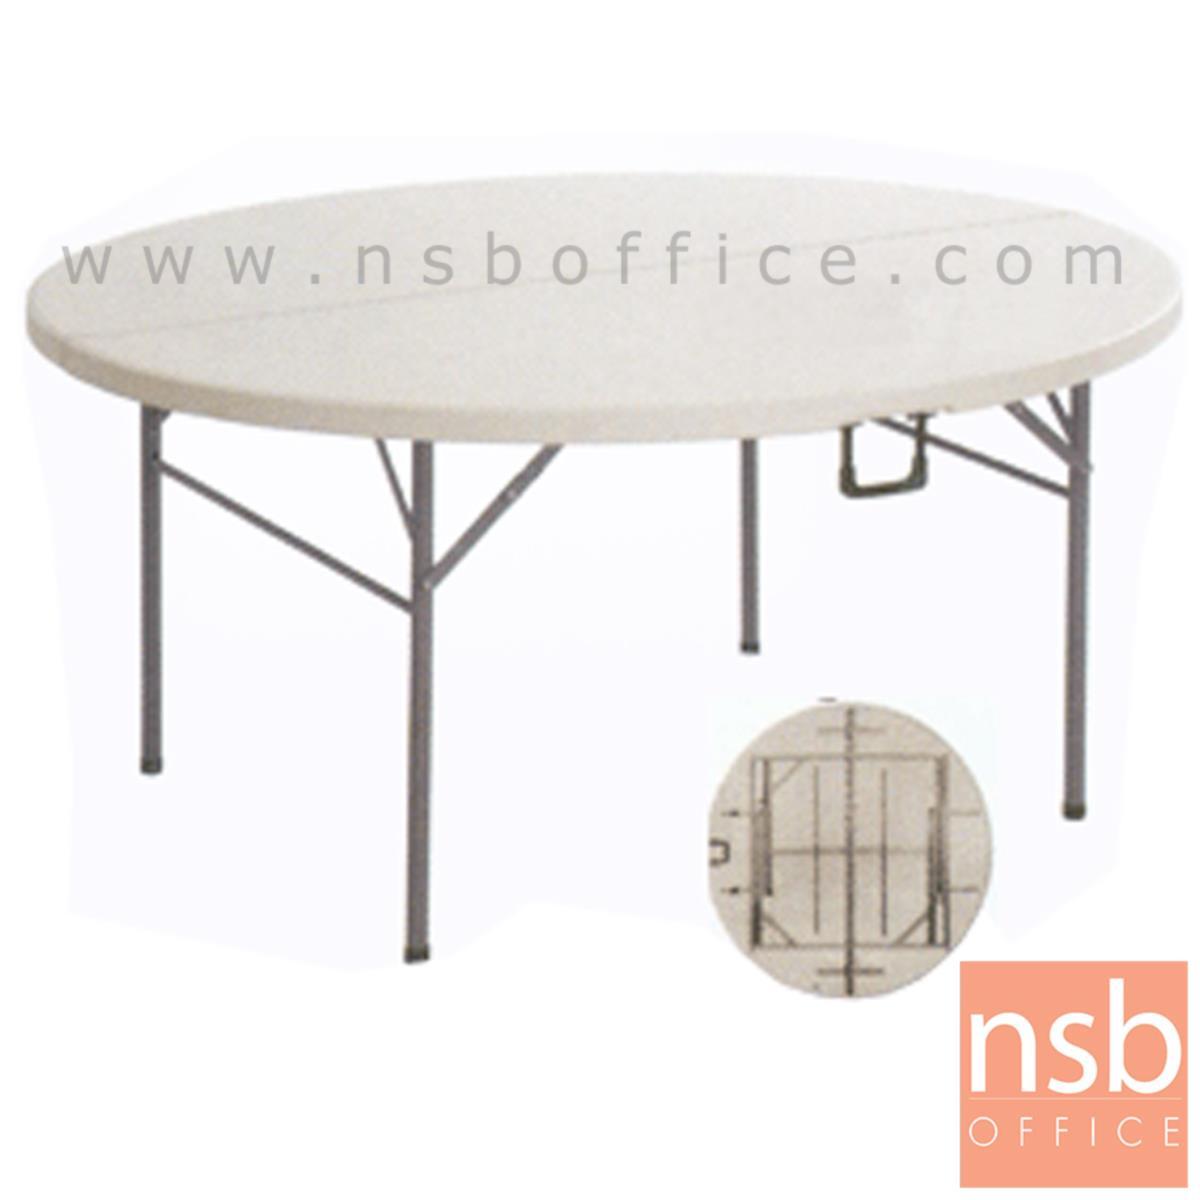 A19A026:โต๊ะพับครึ่งหน้าพลาสติก รุ่น PL-OPF  ขนาด 154Di cm. ขาอีพ็อกซี่เกล็ดเงิน